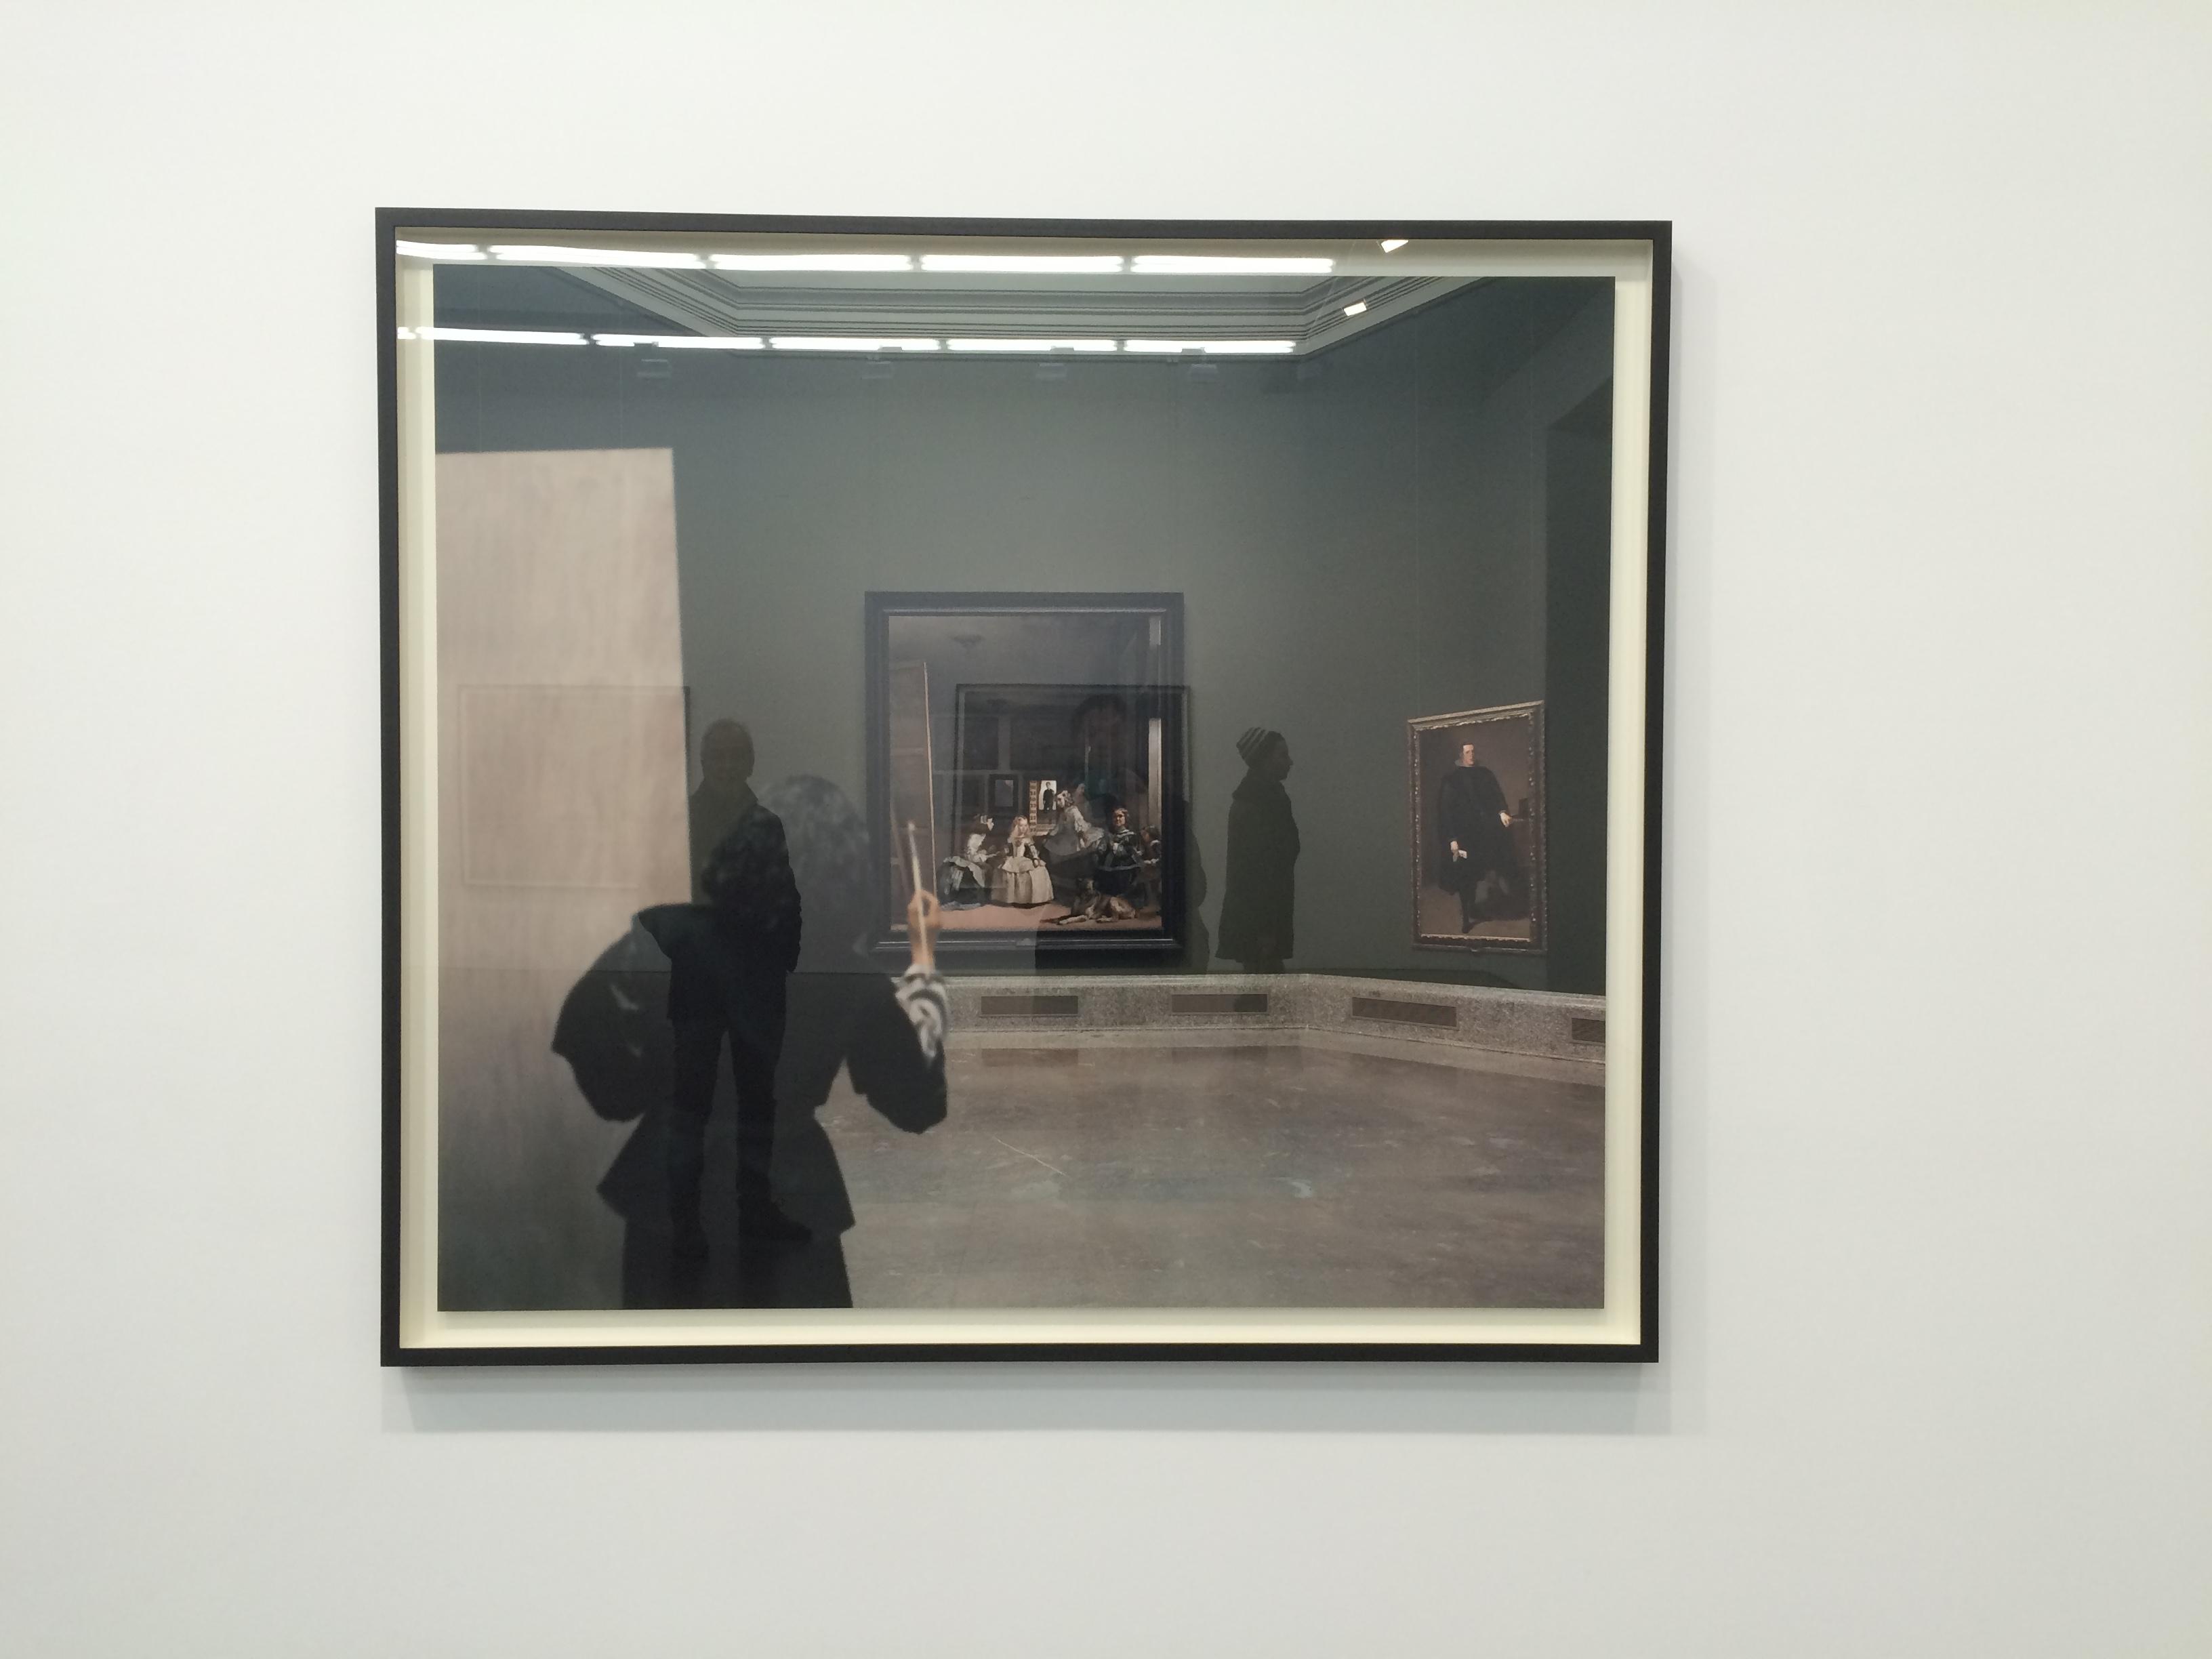 """Yasumasa Morimura, """"Las Meninas renacen de noche III: Opening the door in the depth of the painting"""""""